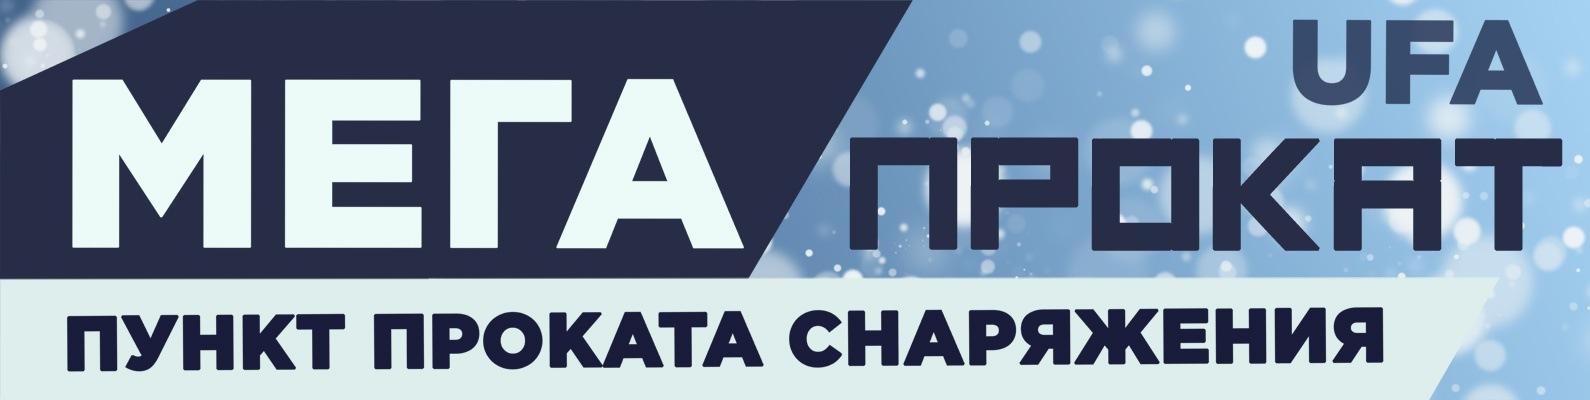 0fa71450fe17 МегаПрокат- прокат горных лыж и сноубордов   ВКонтакте